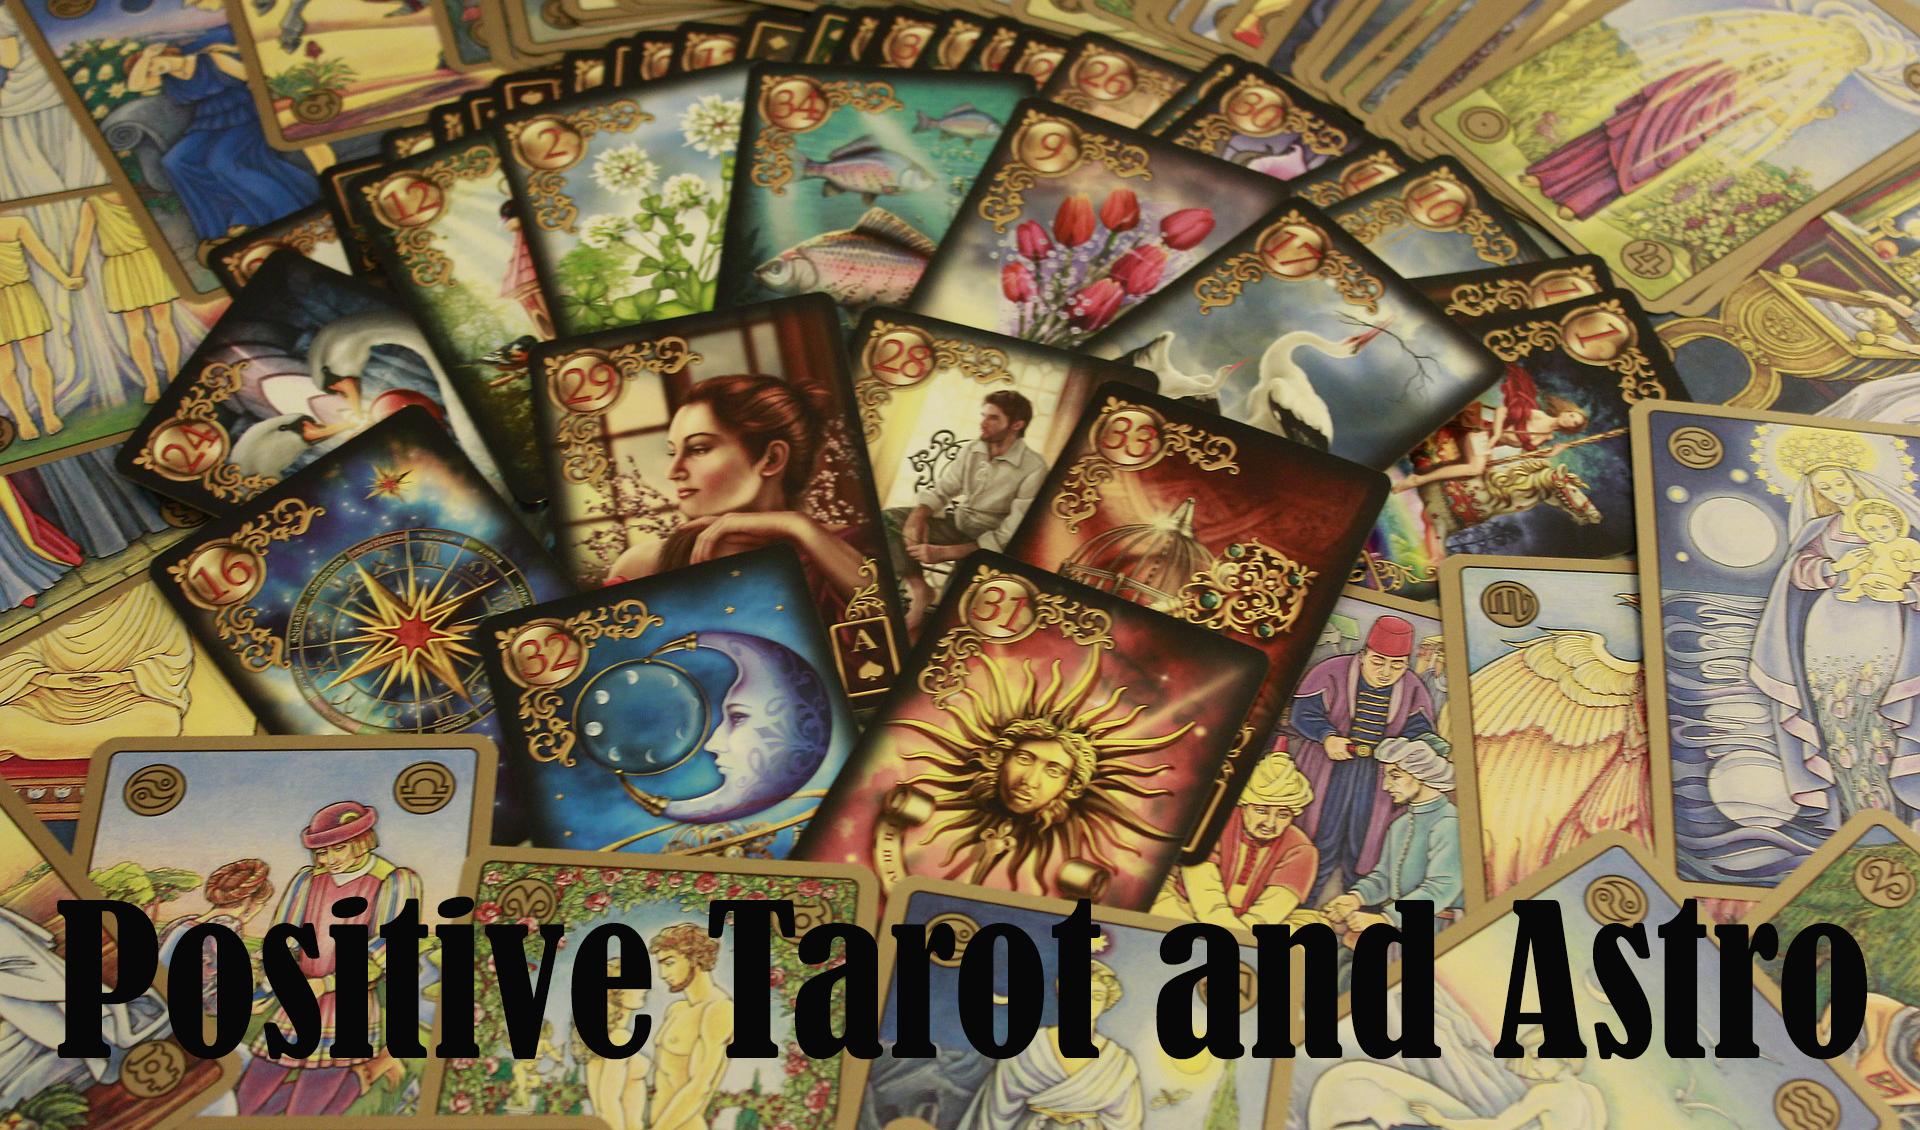 Positive tarot cards